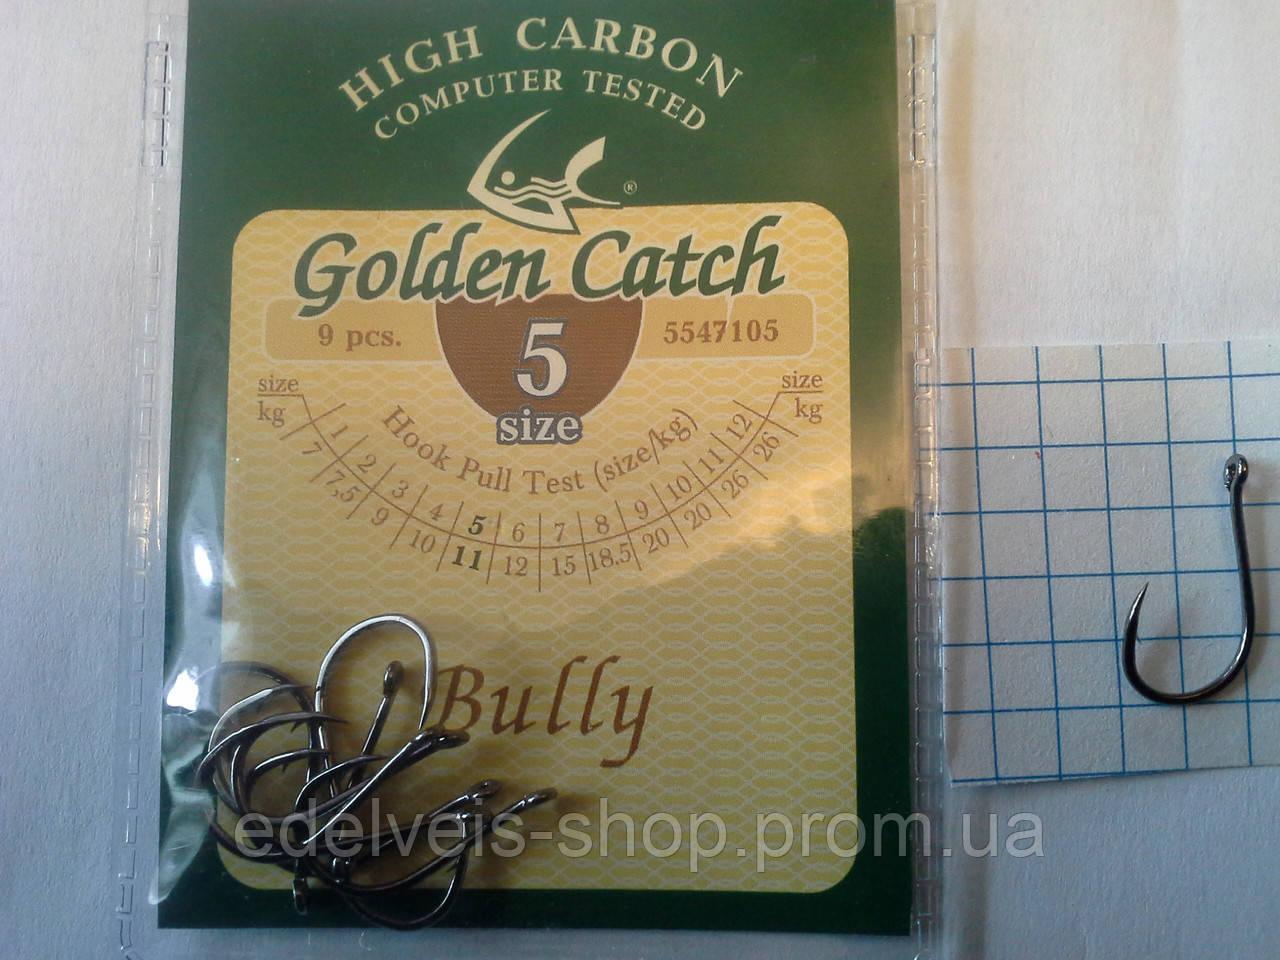 Крючки  рыболовные Golden Catch  BULLY 5